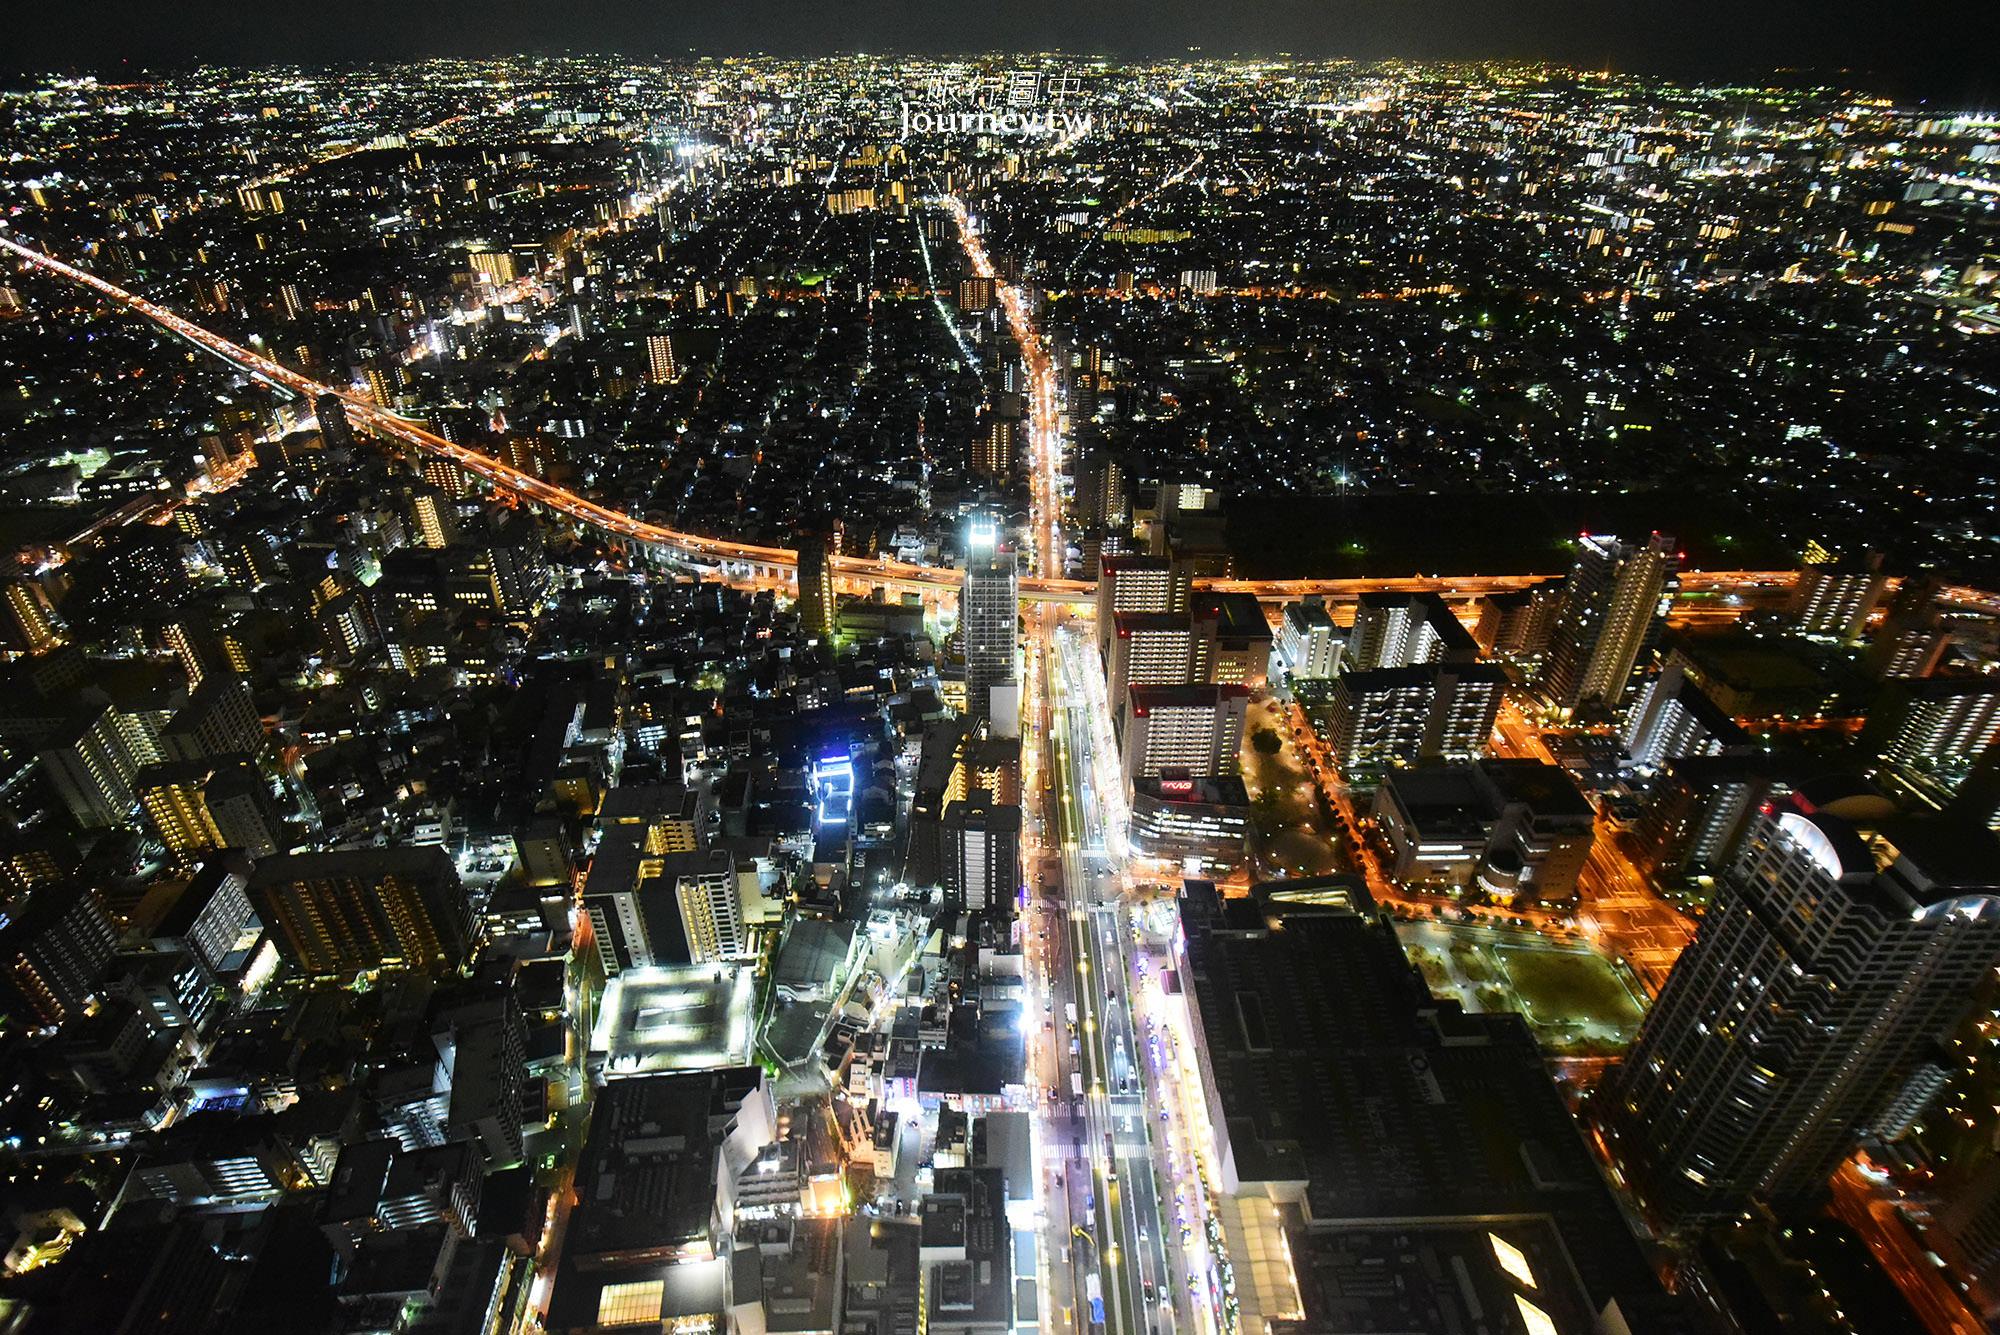 日本,大阪,大阪自由行,大阪景點,阿倍野,Harukas 300,大阪夜景